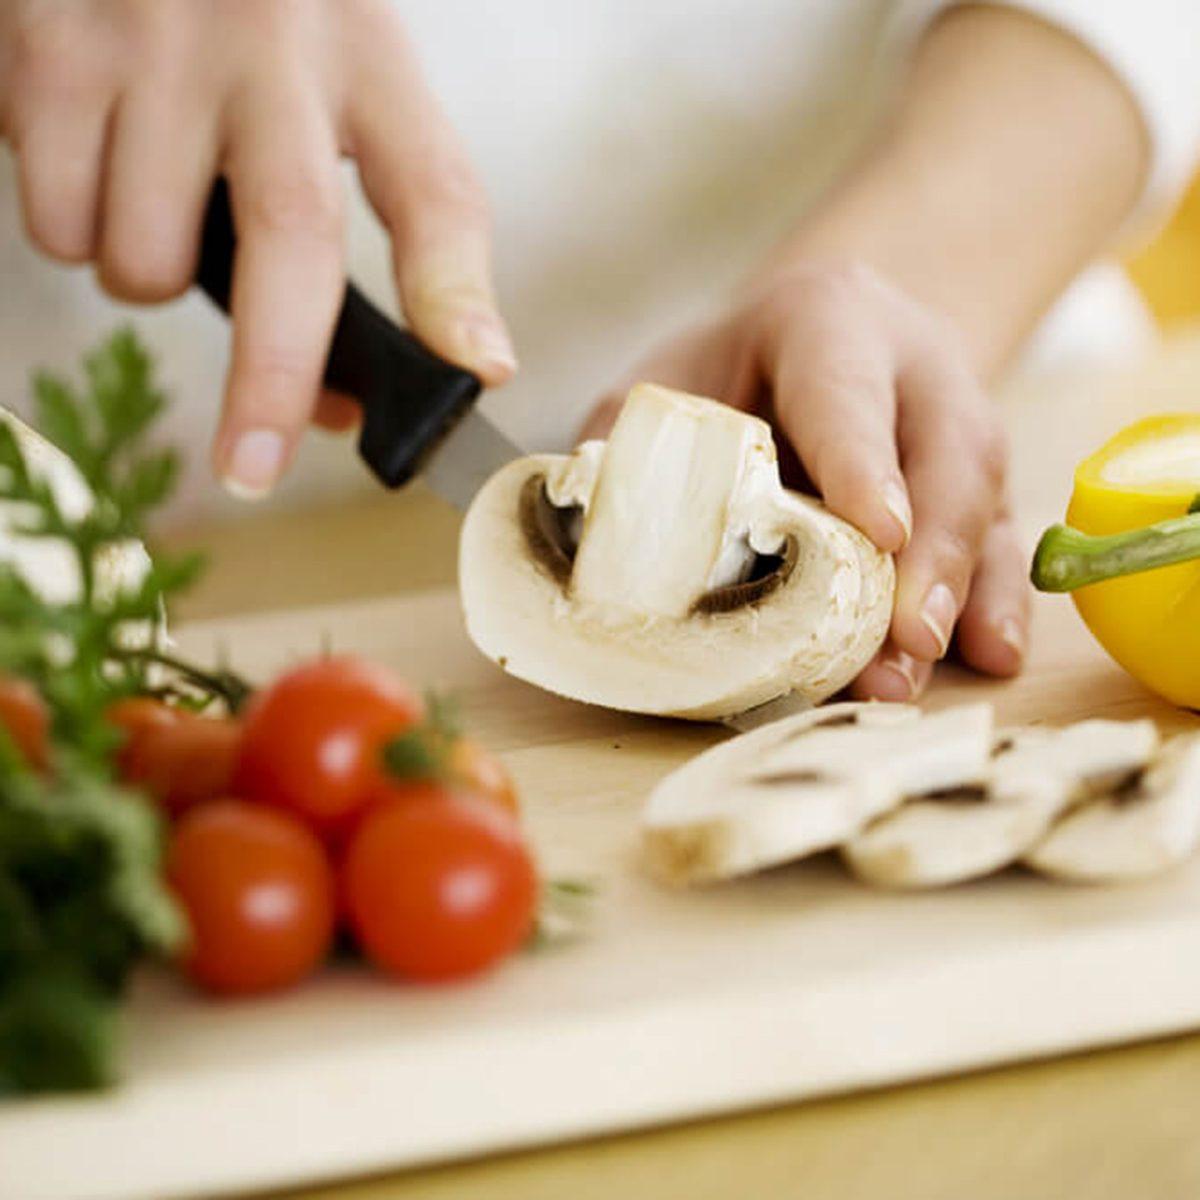 Person slicing mushroom